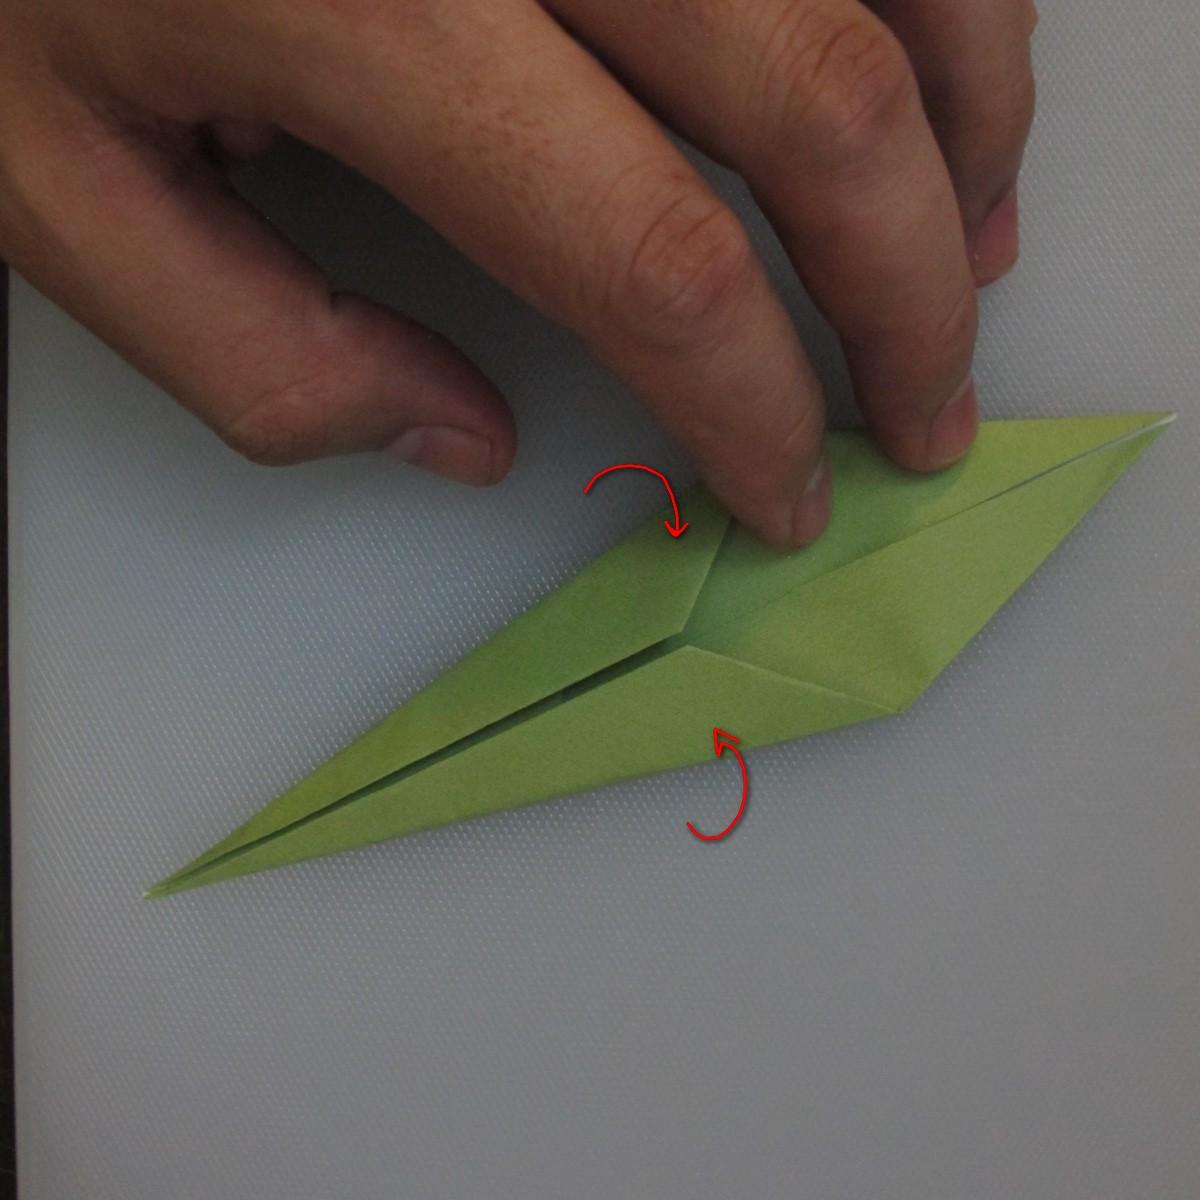 วิธีพับกระดาษเป็นดอกทิวลิป 023